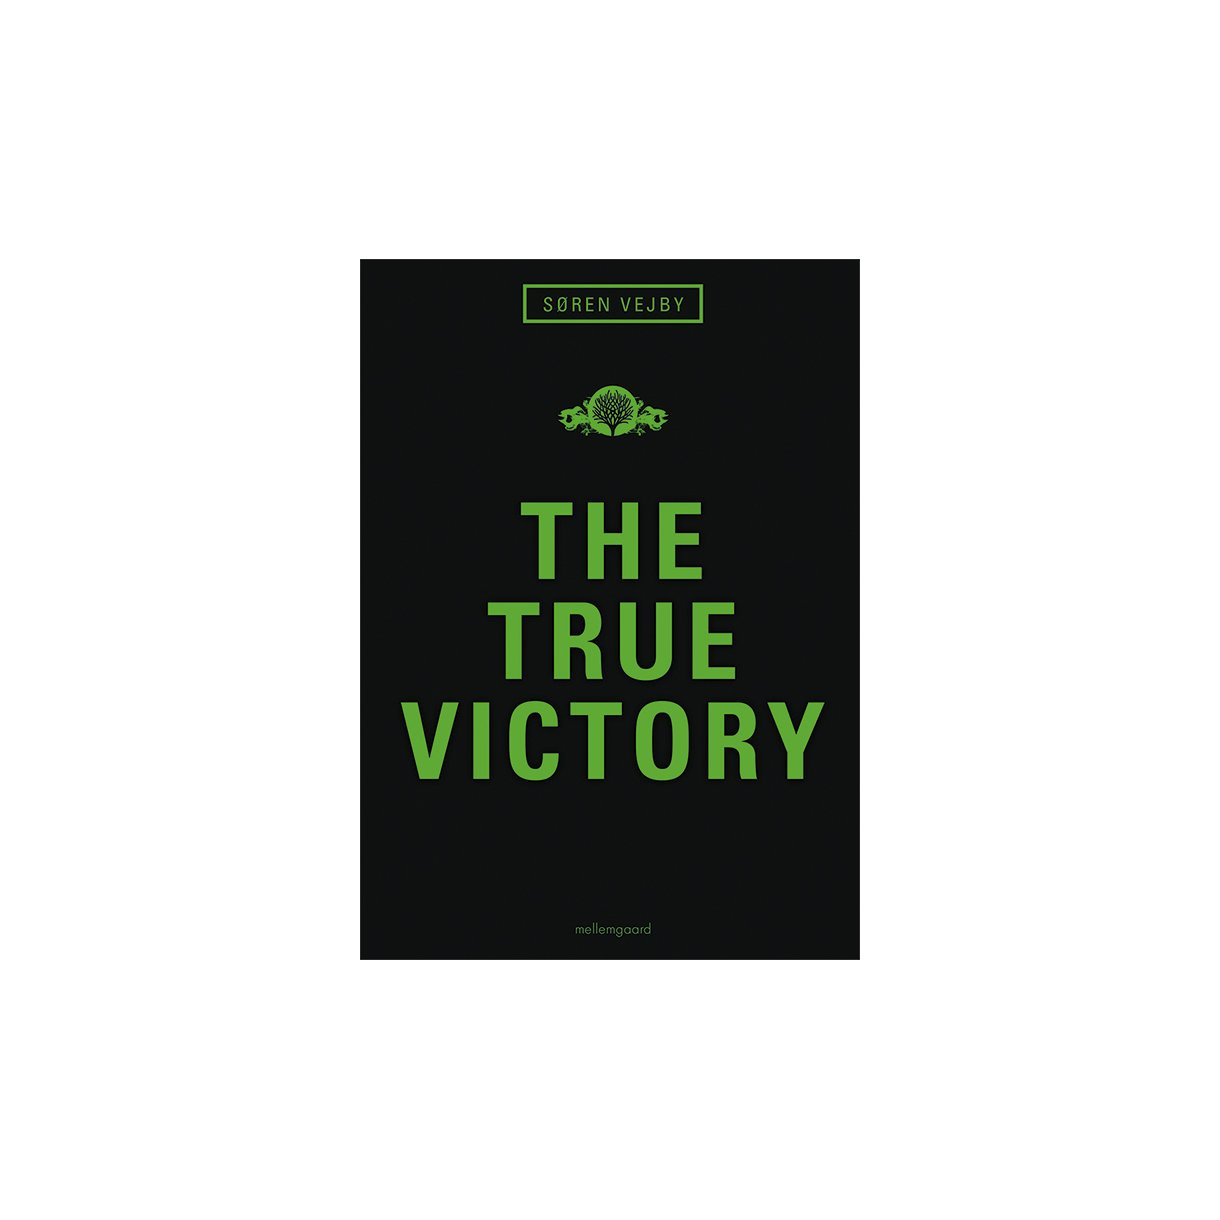 The true victory - e-bog fra N/A på bog & mystik